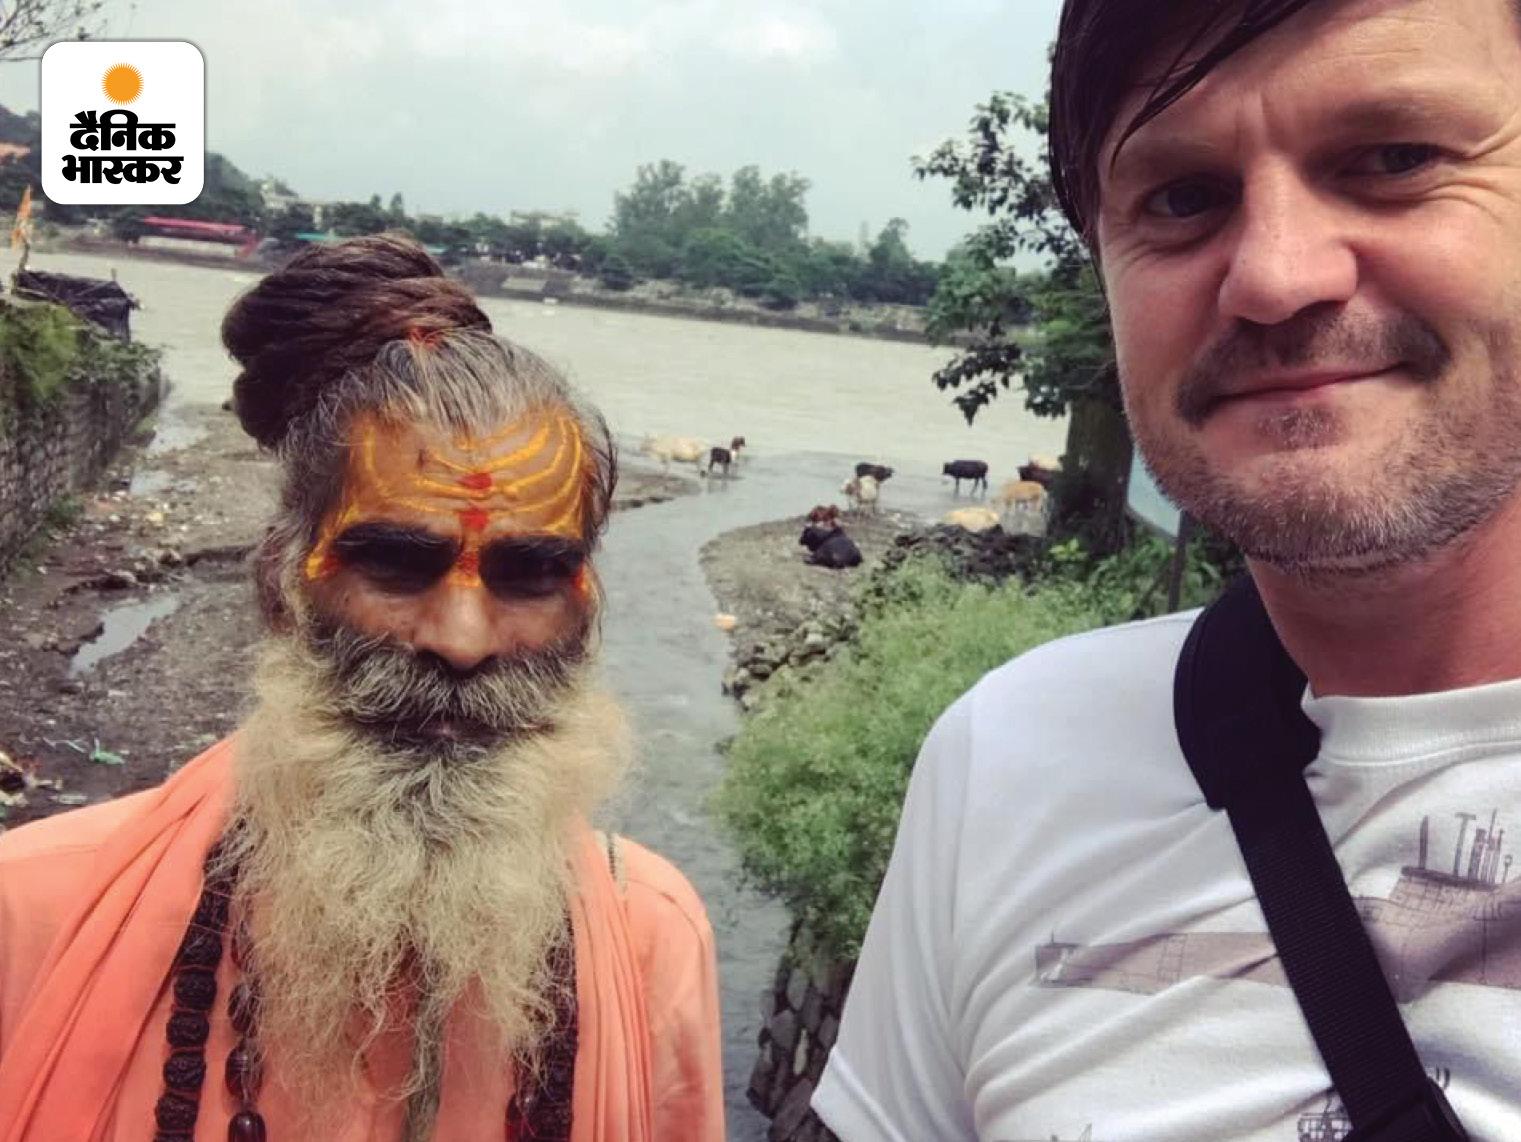 इंडिया की ट्रिप के दौरान ऋषिकेश में साधु बाबा के साथ जेमी।